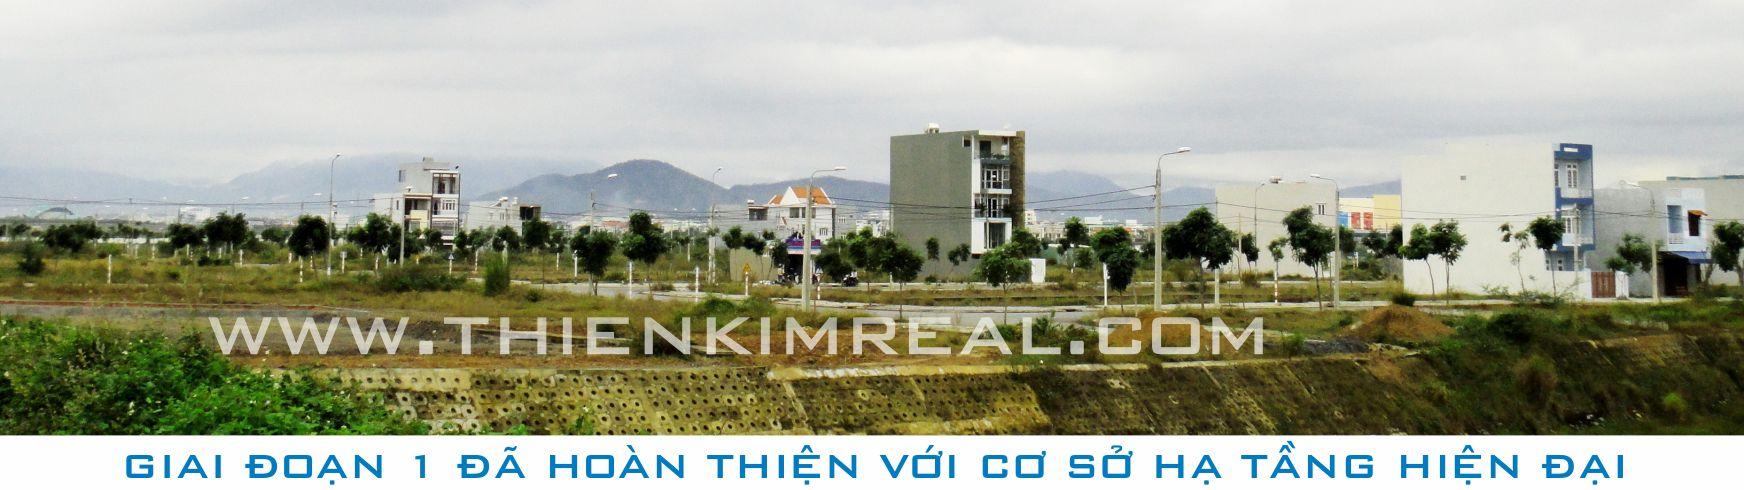 Đất dự án Nam Việt Á giai đoạn 1